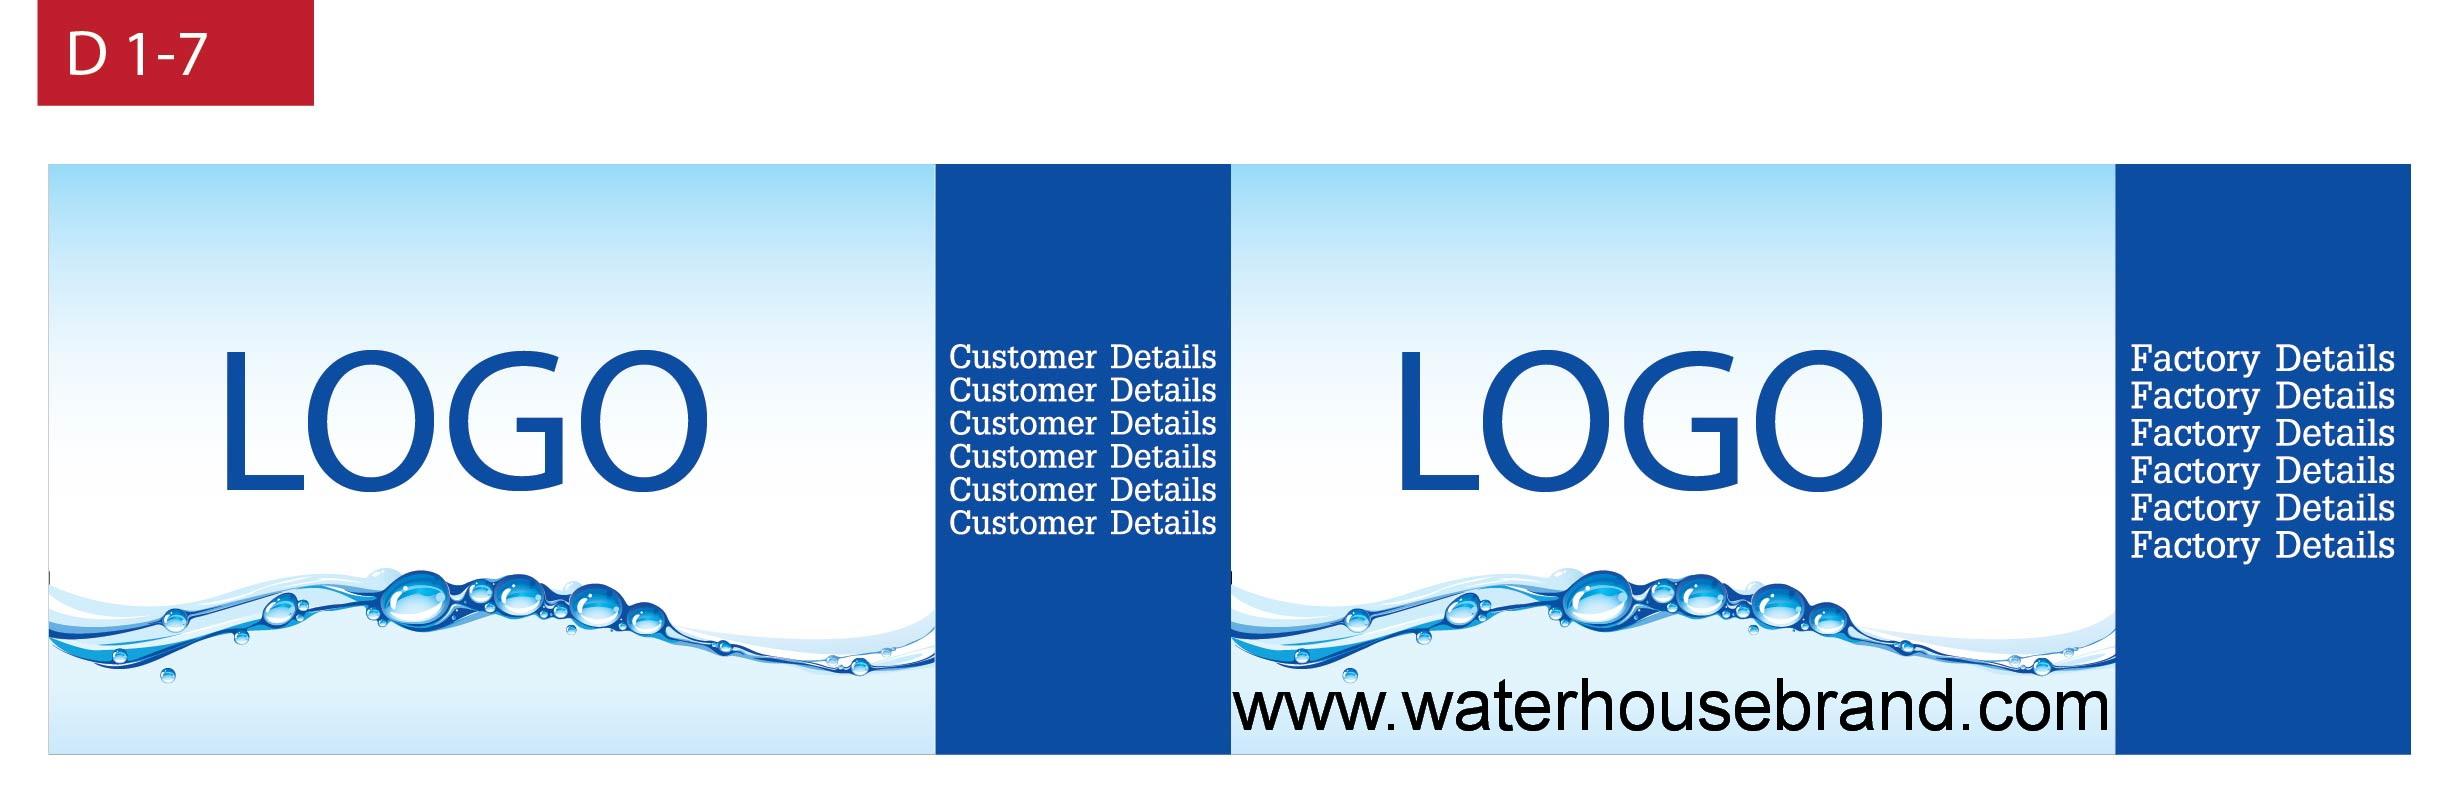 waterhouse-แบบฉลากน้ำดื่ม-d17